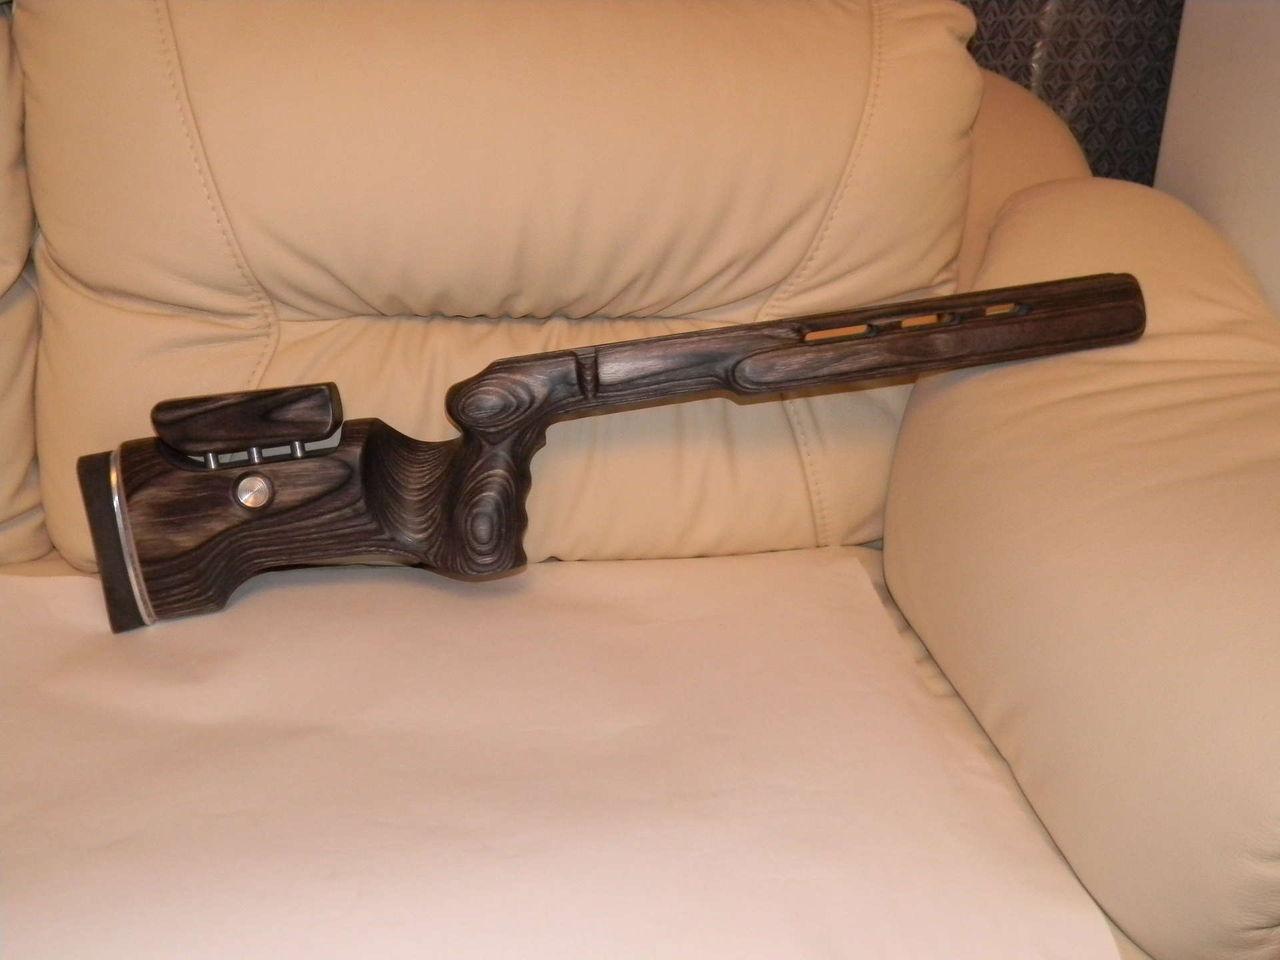 ТОЗ-78 глазами владельца - Страница 132 - Популярное оружие 9d8ff6ad3dd